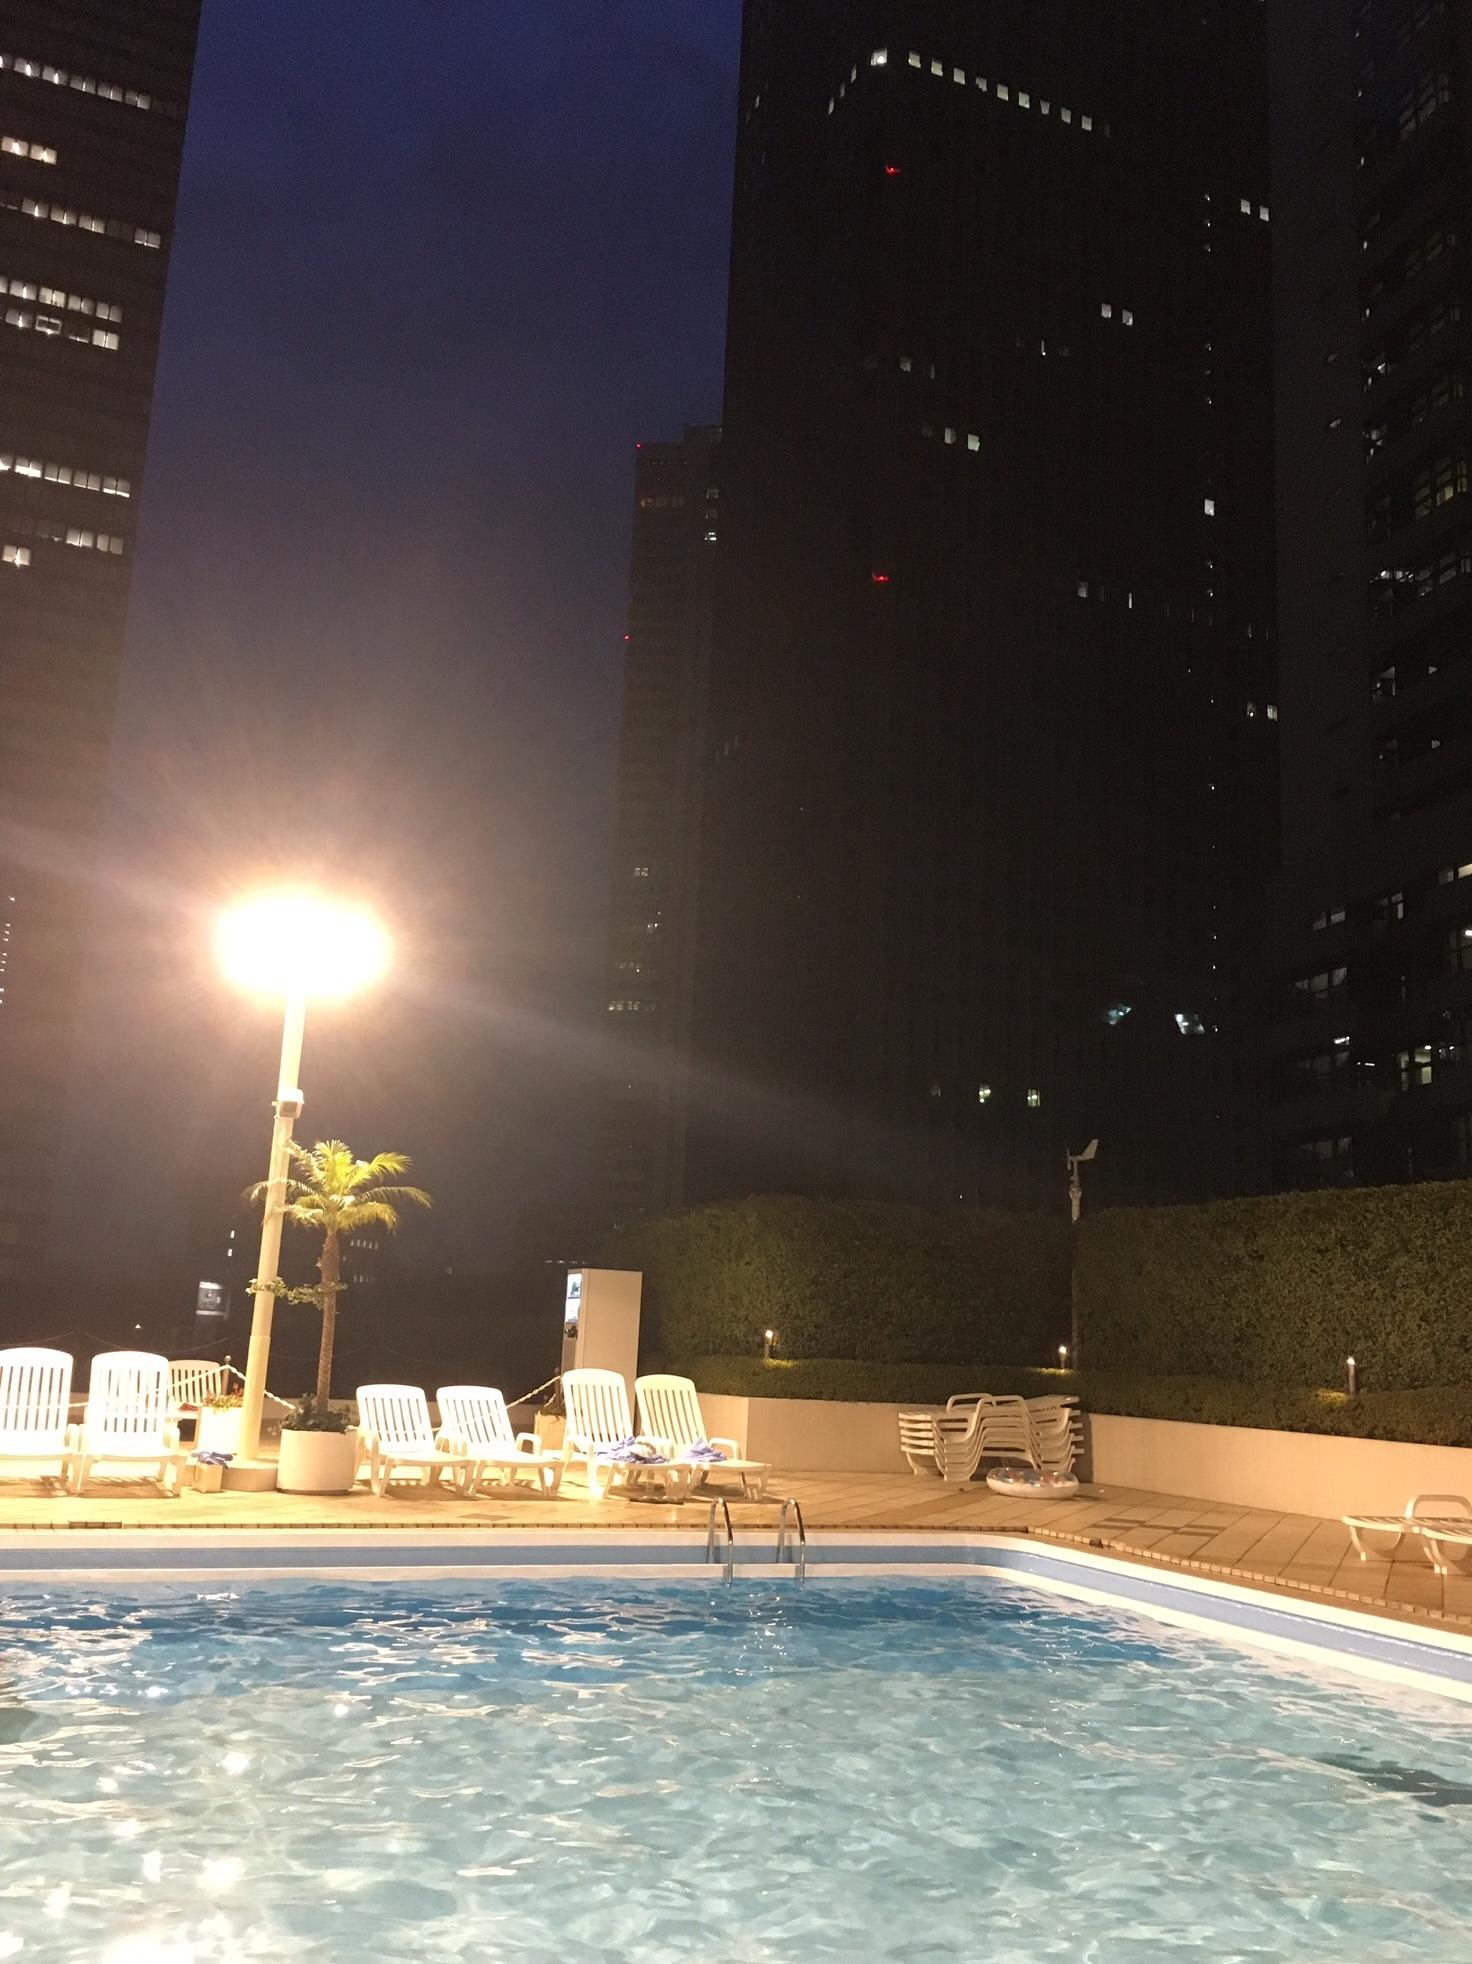 ナイトプールで夜風にふかれる_1_4